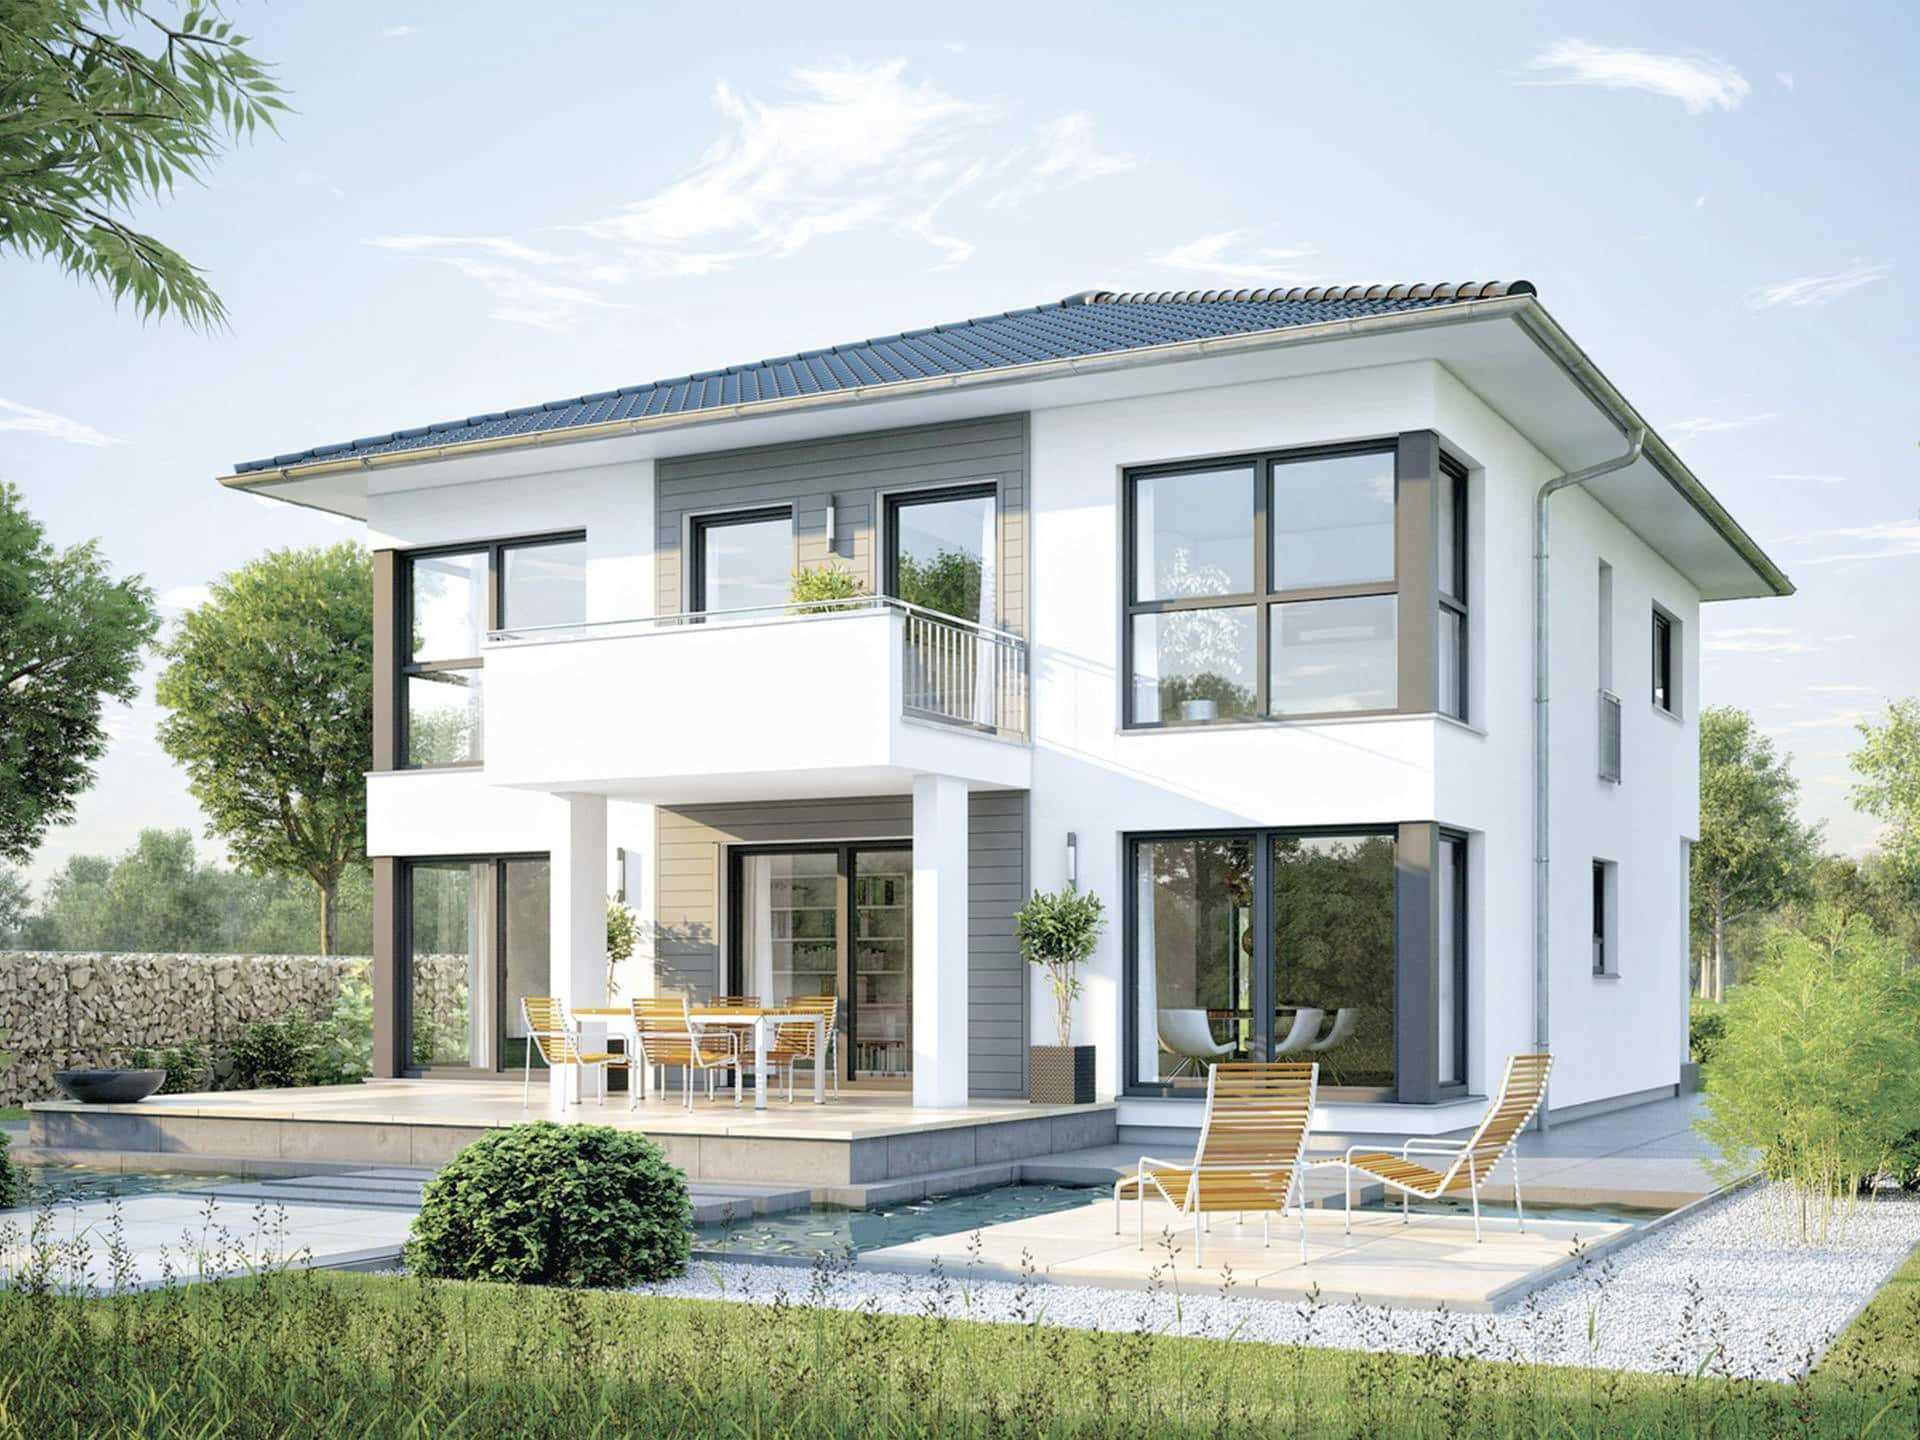 Einfamilienhaus bauen hausbeispiele anbieter preise for Hausbeispiele grundrisse